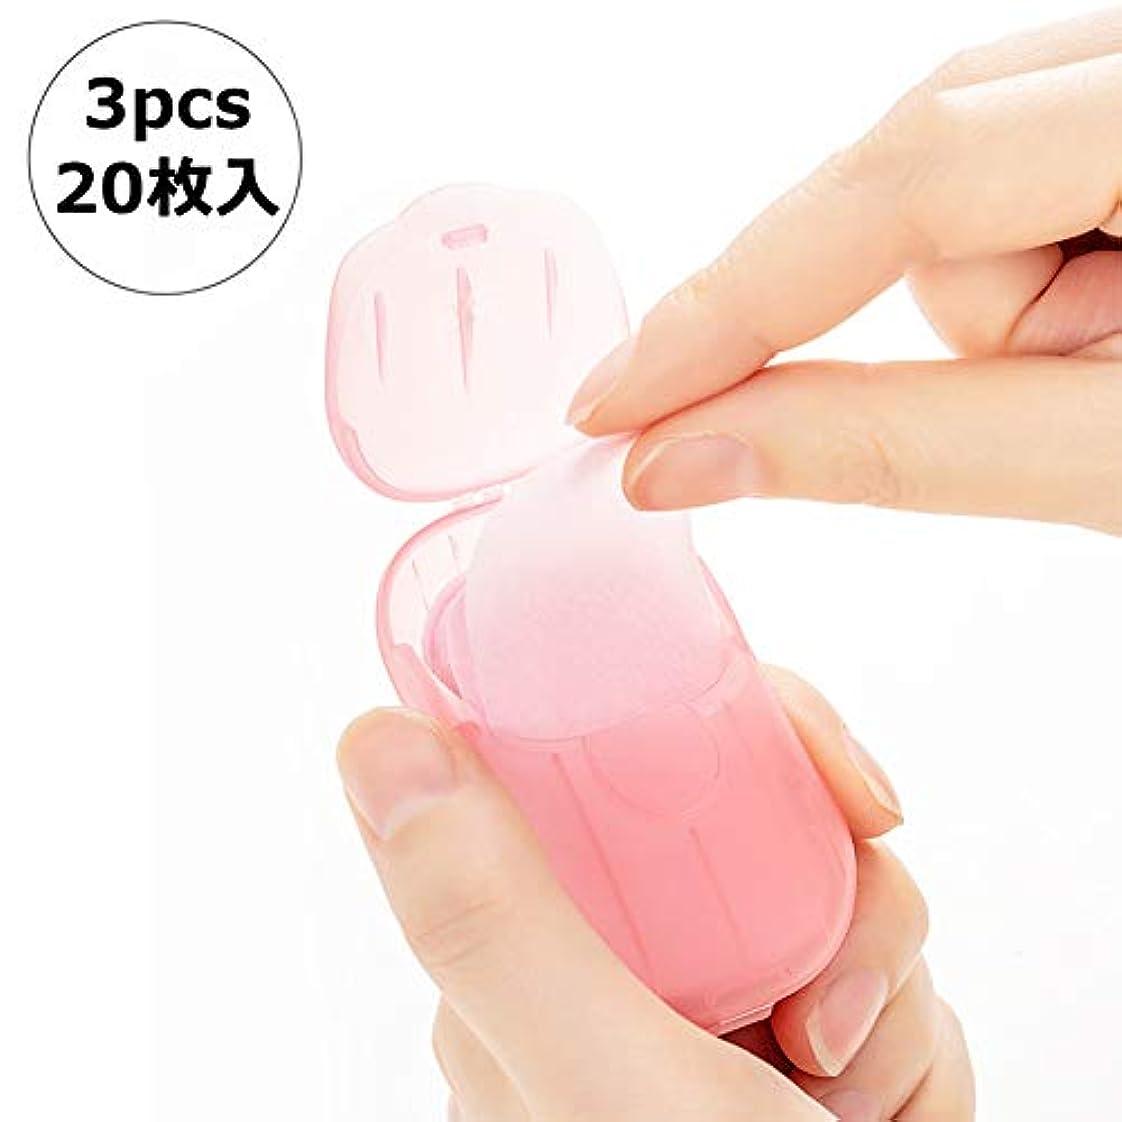 のためにピットピンクNITIUMI ペーパーソープ 除菌 香り 石鹸 手洗い/お風呂 旅行携帯用 紙せっけん 20枚入 ケース付き カラーランダム (3個セット)